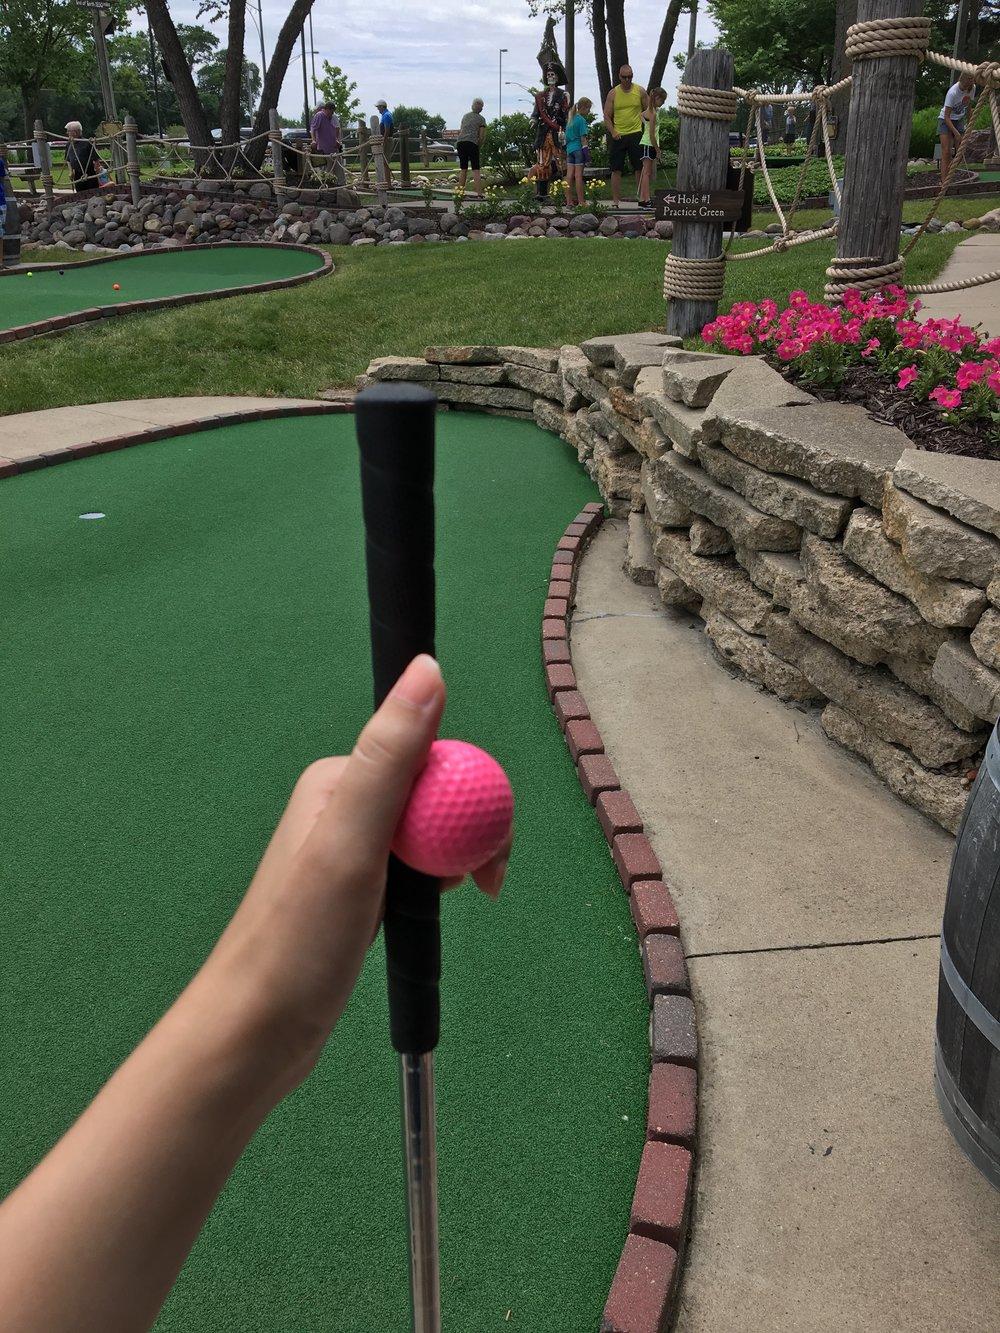 mini-golfing-arnolds-park.jpg